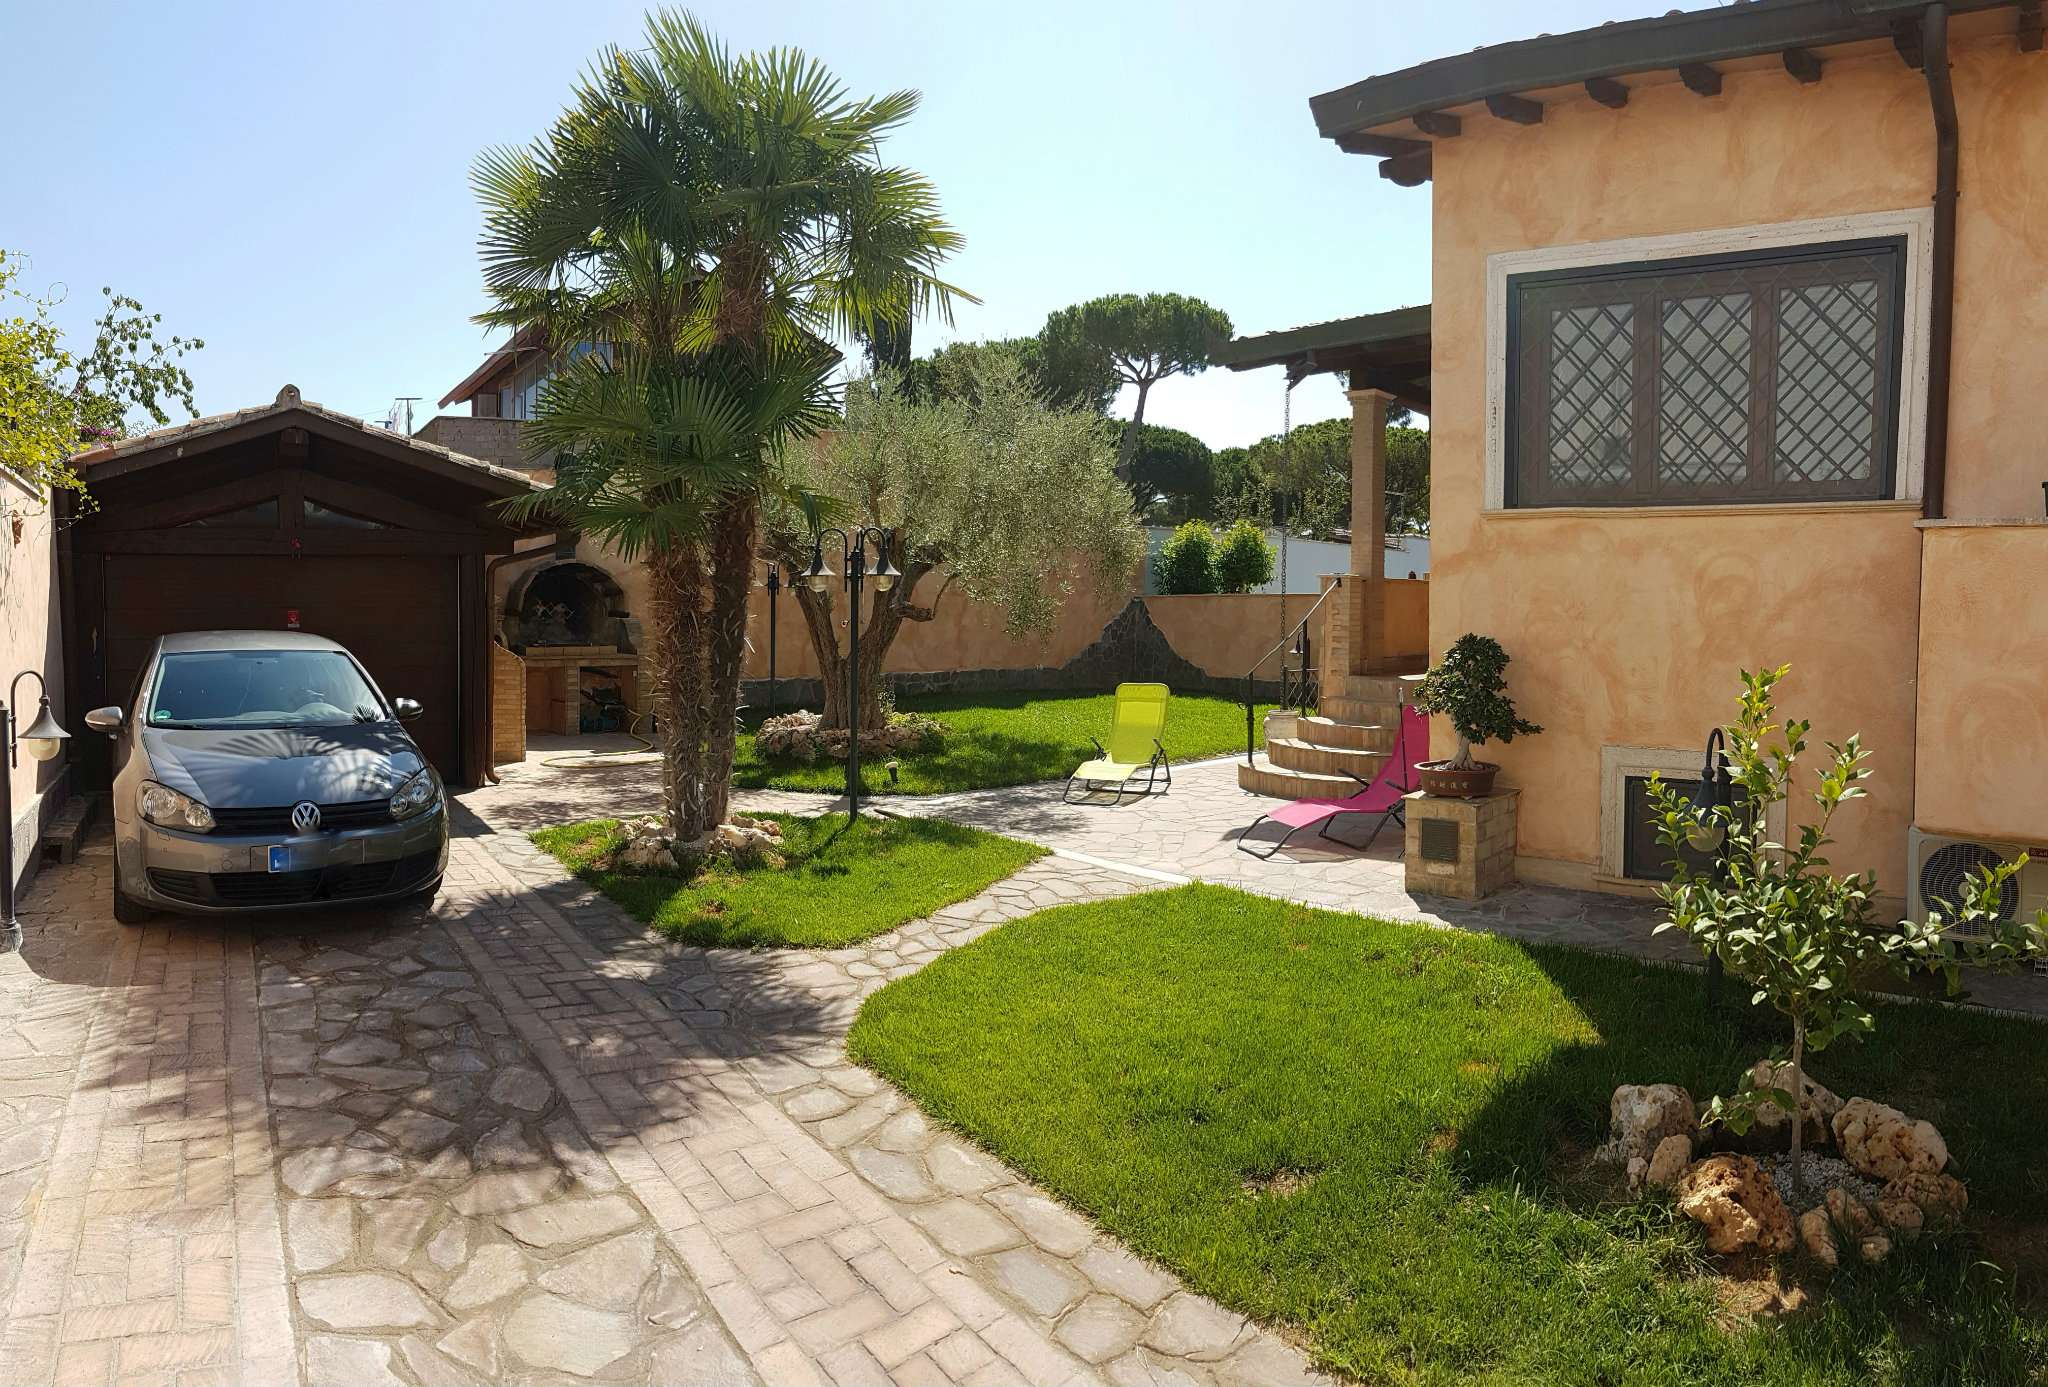 Villa in vendita a Roma, 5 locali, zona Zona: 38 . Acilia, Vitinia, Infernetto, Axa, Casal Palocco, Madonnetta, prezzo € 470.000 | CambioCasa.it